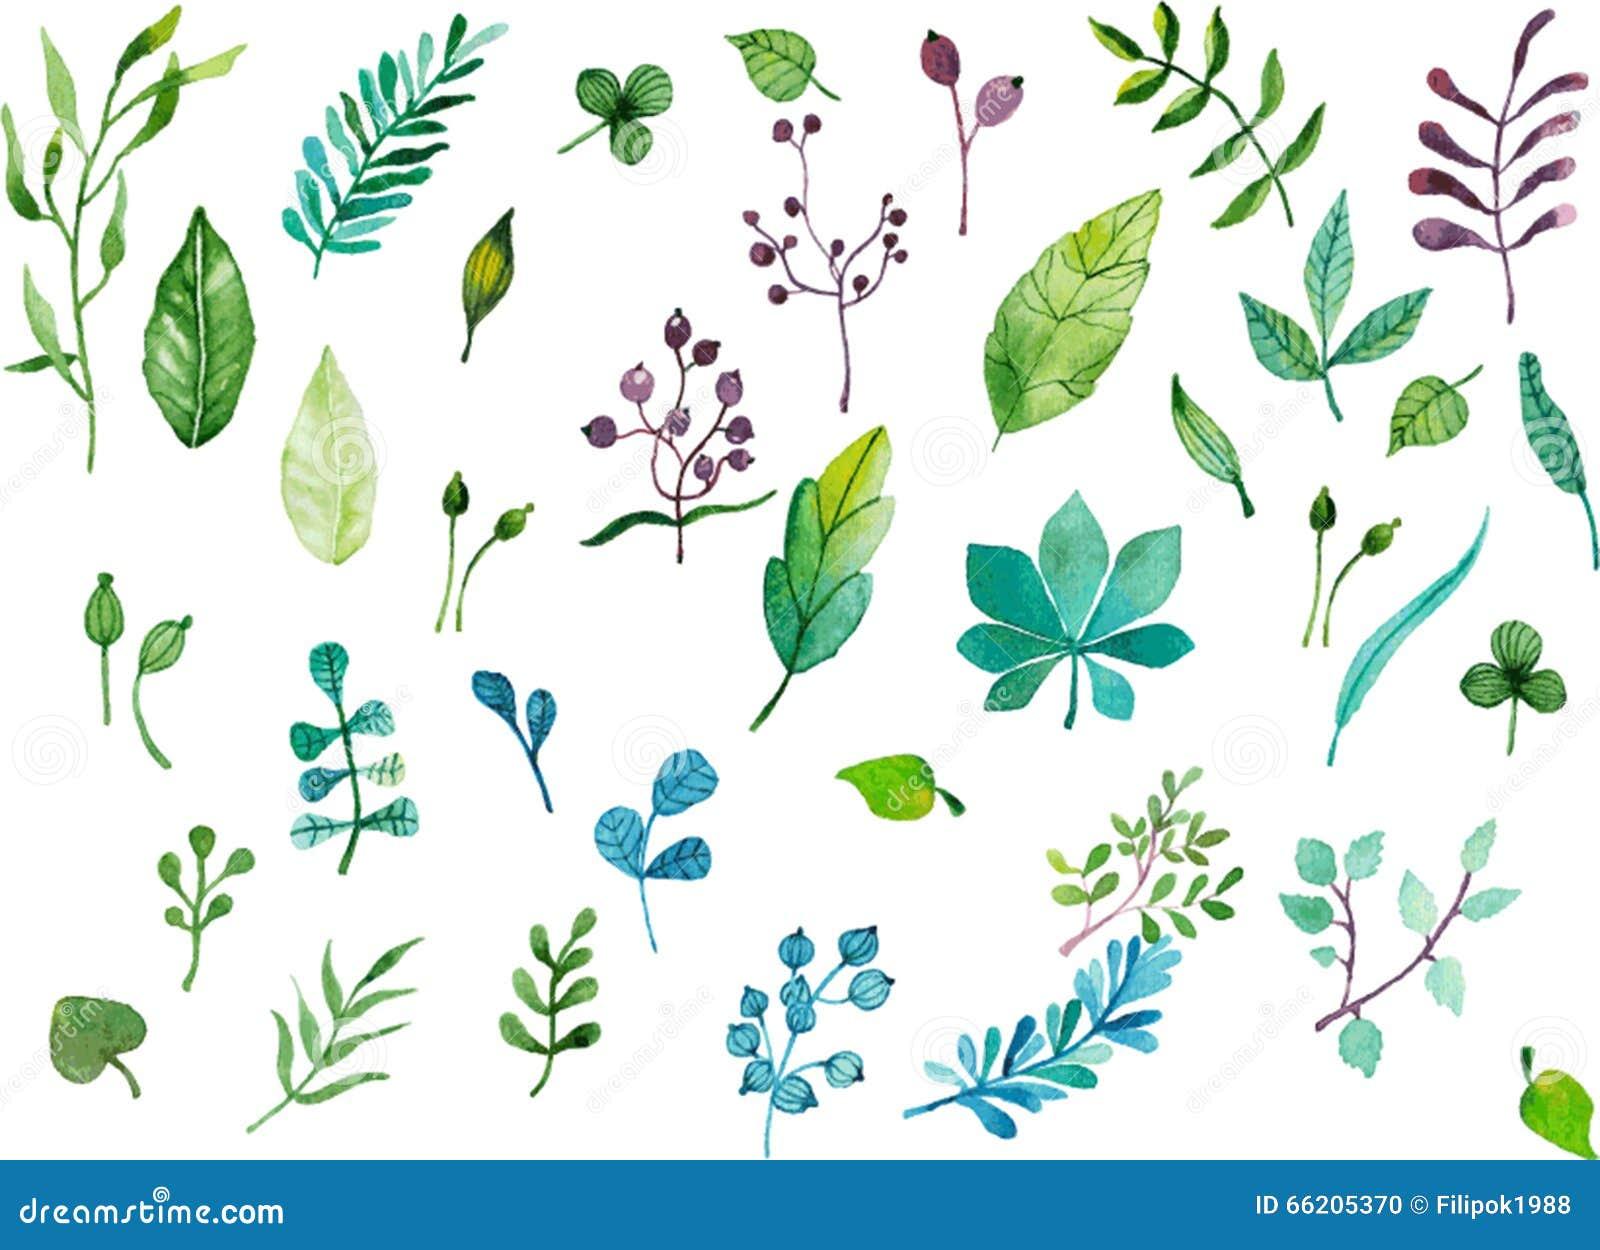 手画水彩叶子 与叶子的五颜六色的花卉收藏 婚礼,生日 庆祝卡片元素.图片